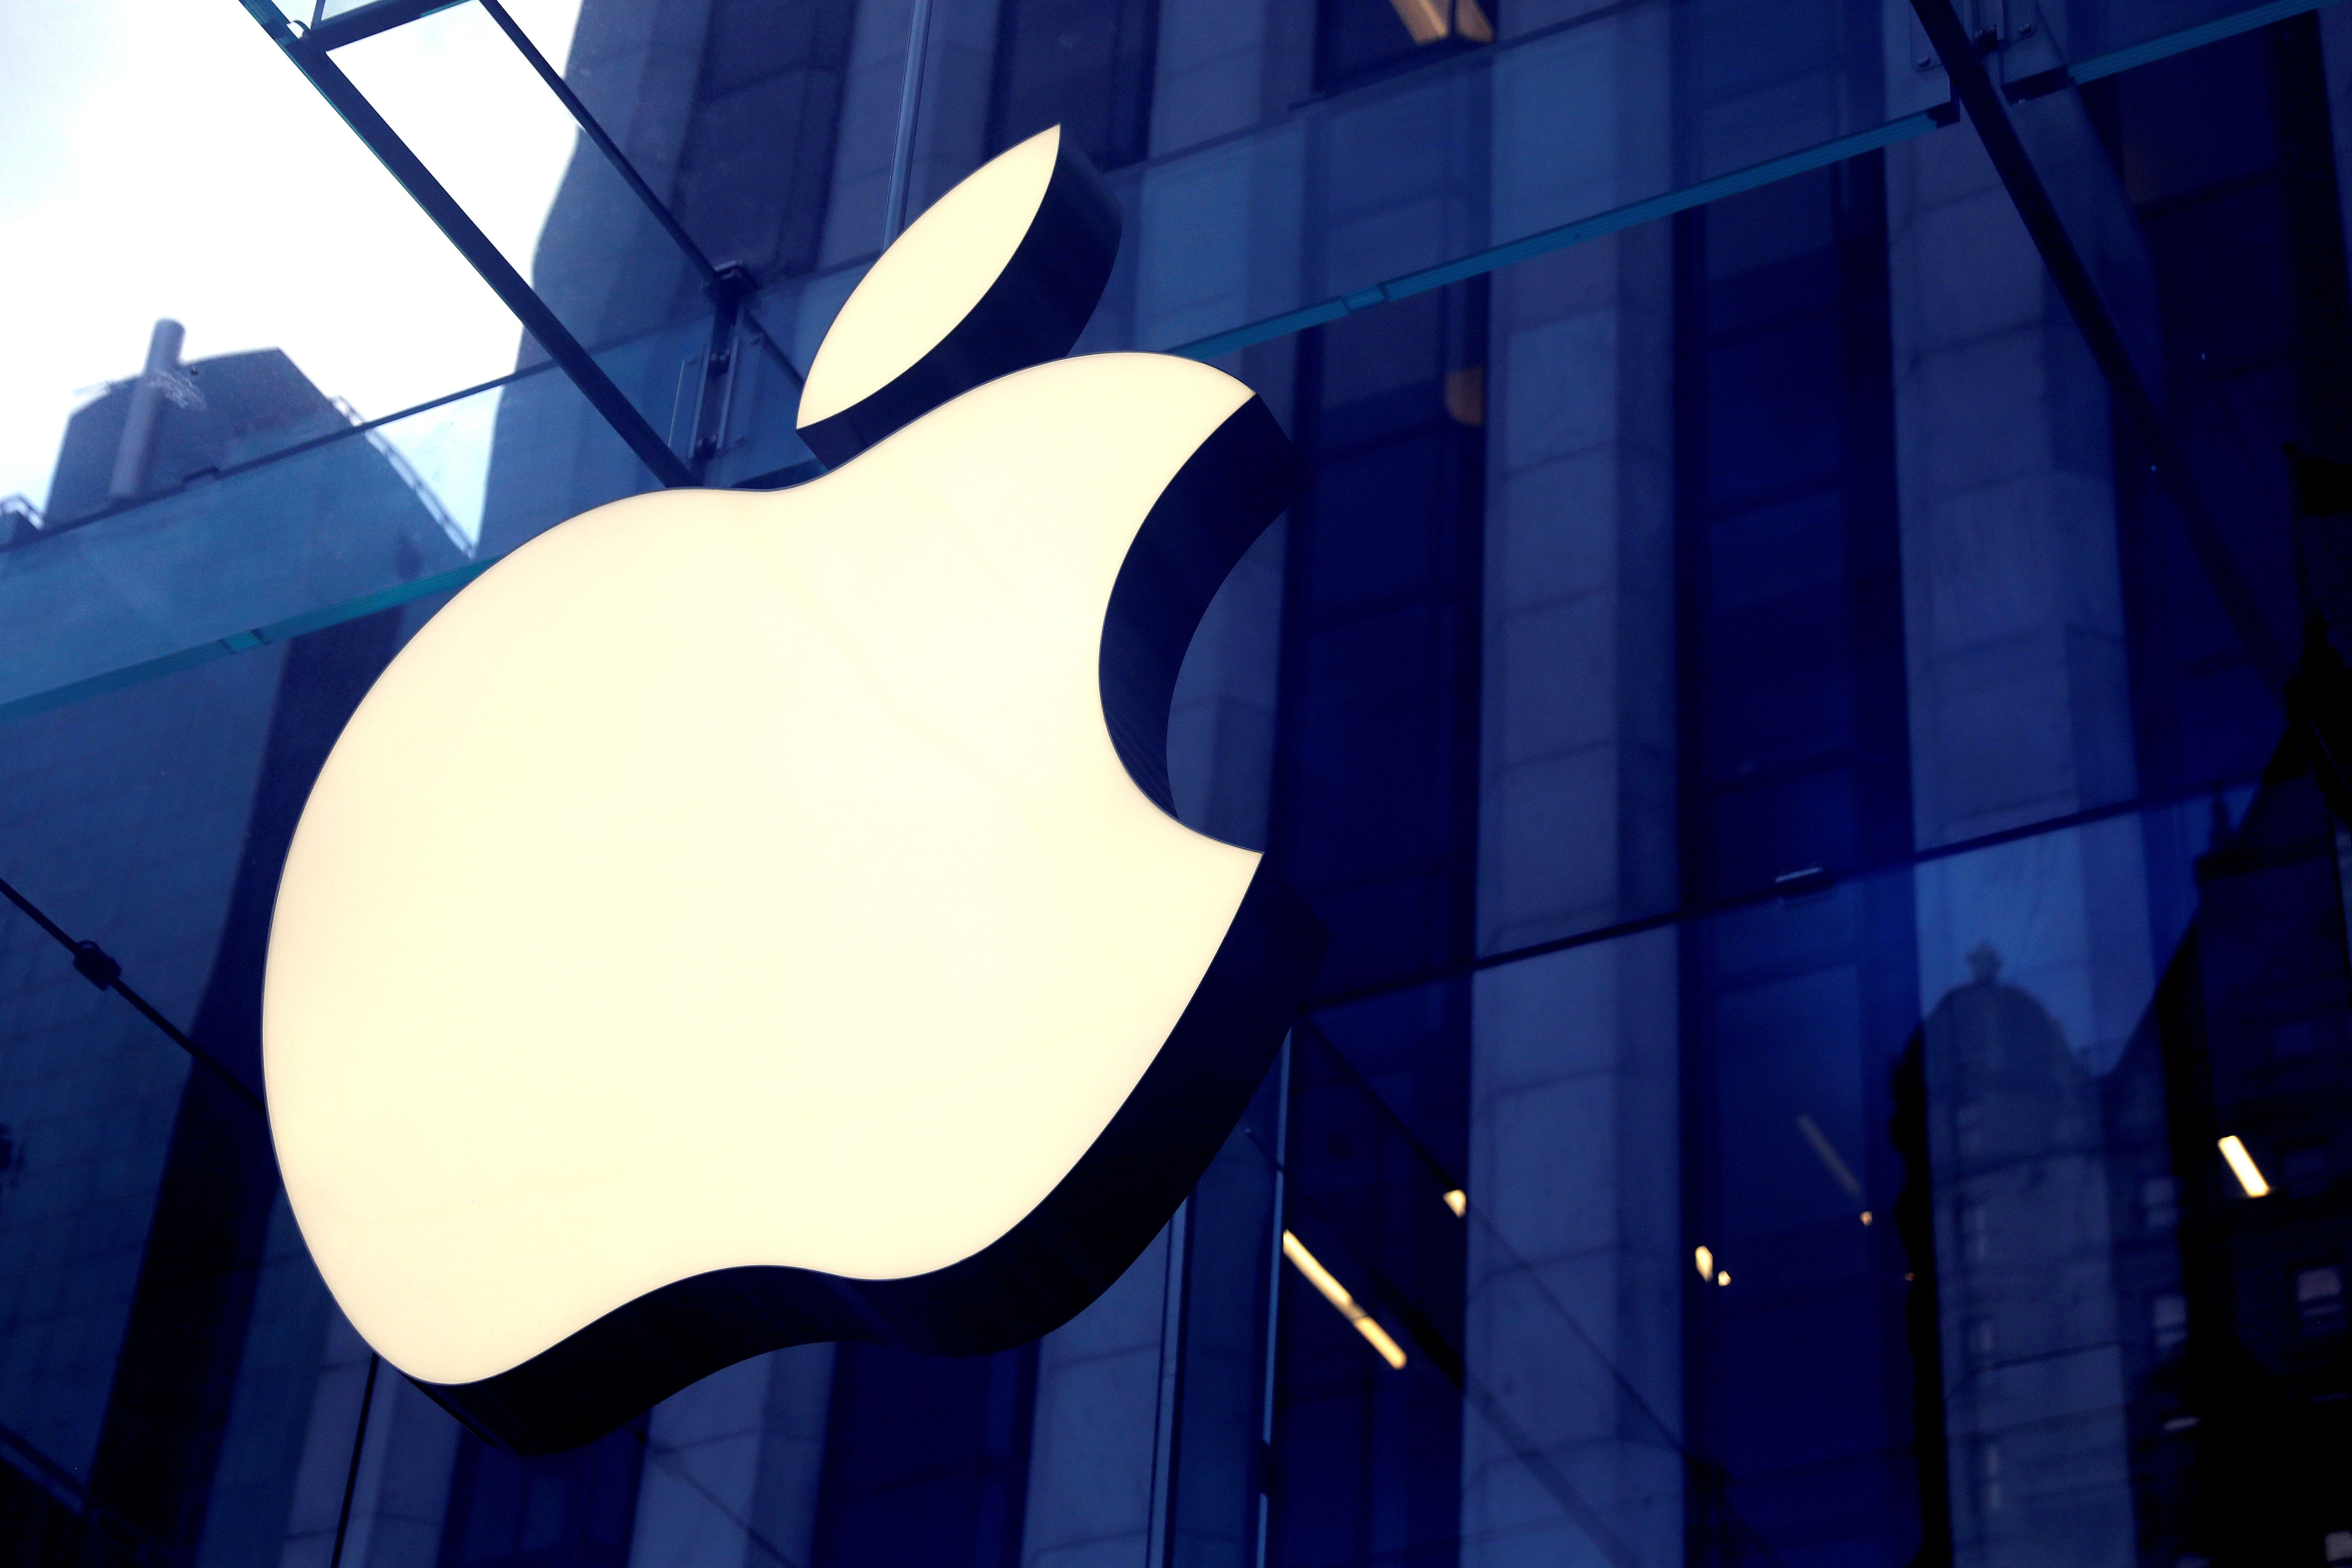 El nuevo iPhone incluiría mejoras en la pantalla (REUTERS/Mike Segar/File Photo/File Photo)